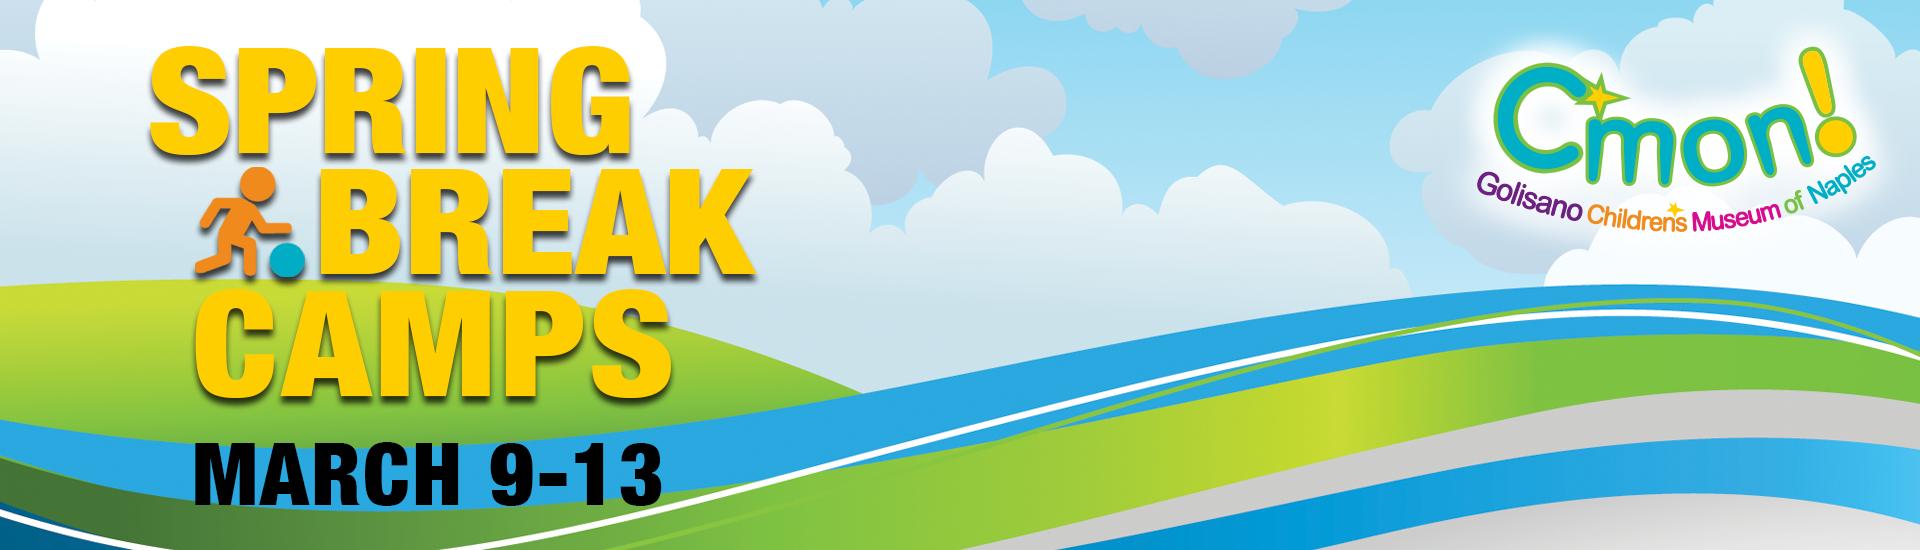 Spring Break 2020 Web Banner